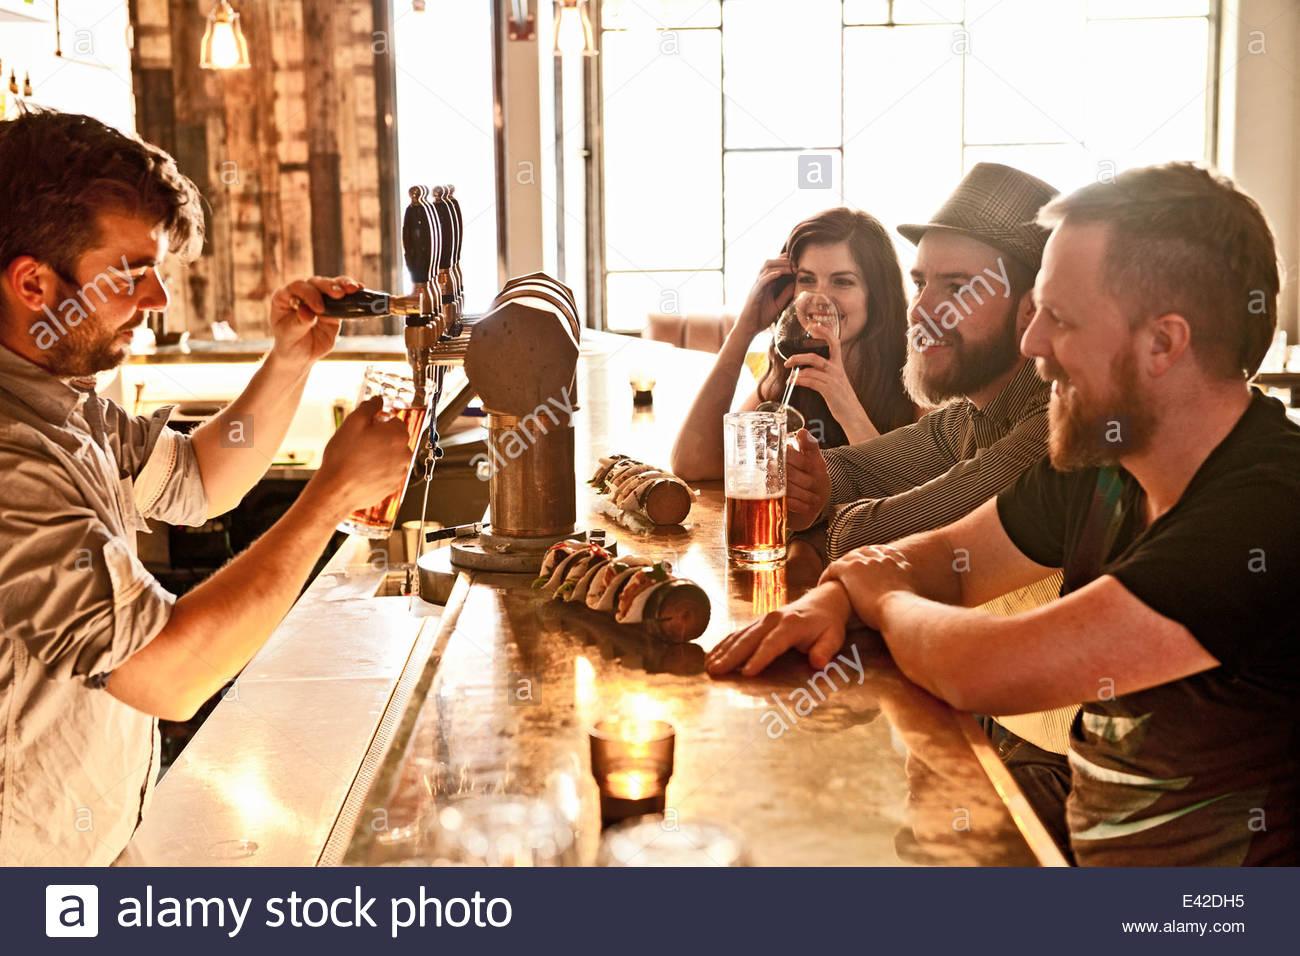 Amigos bebiendo cerveza en hipster bar Imagen De Stock